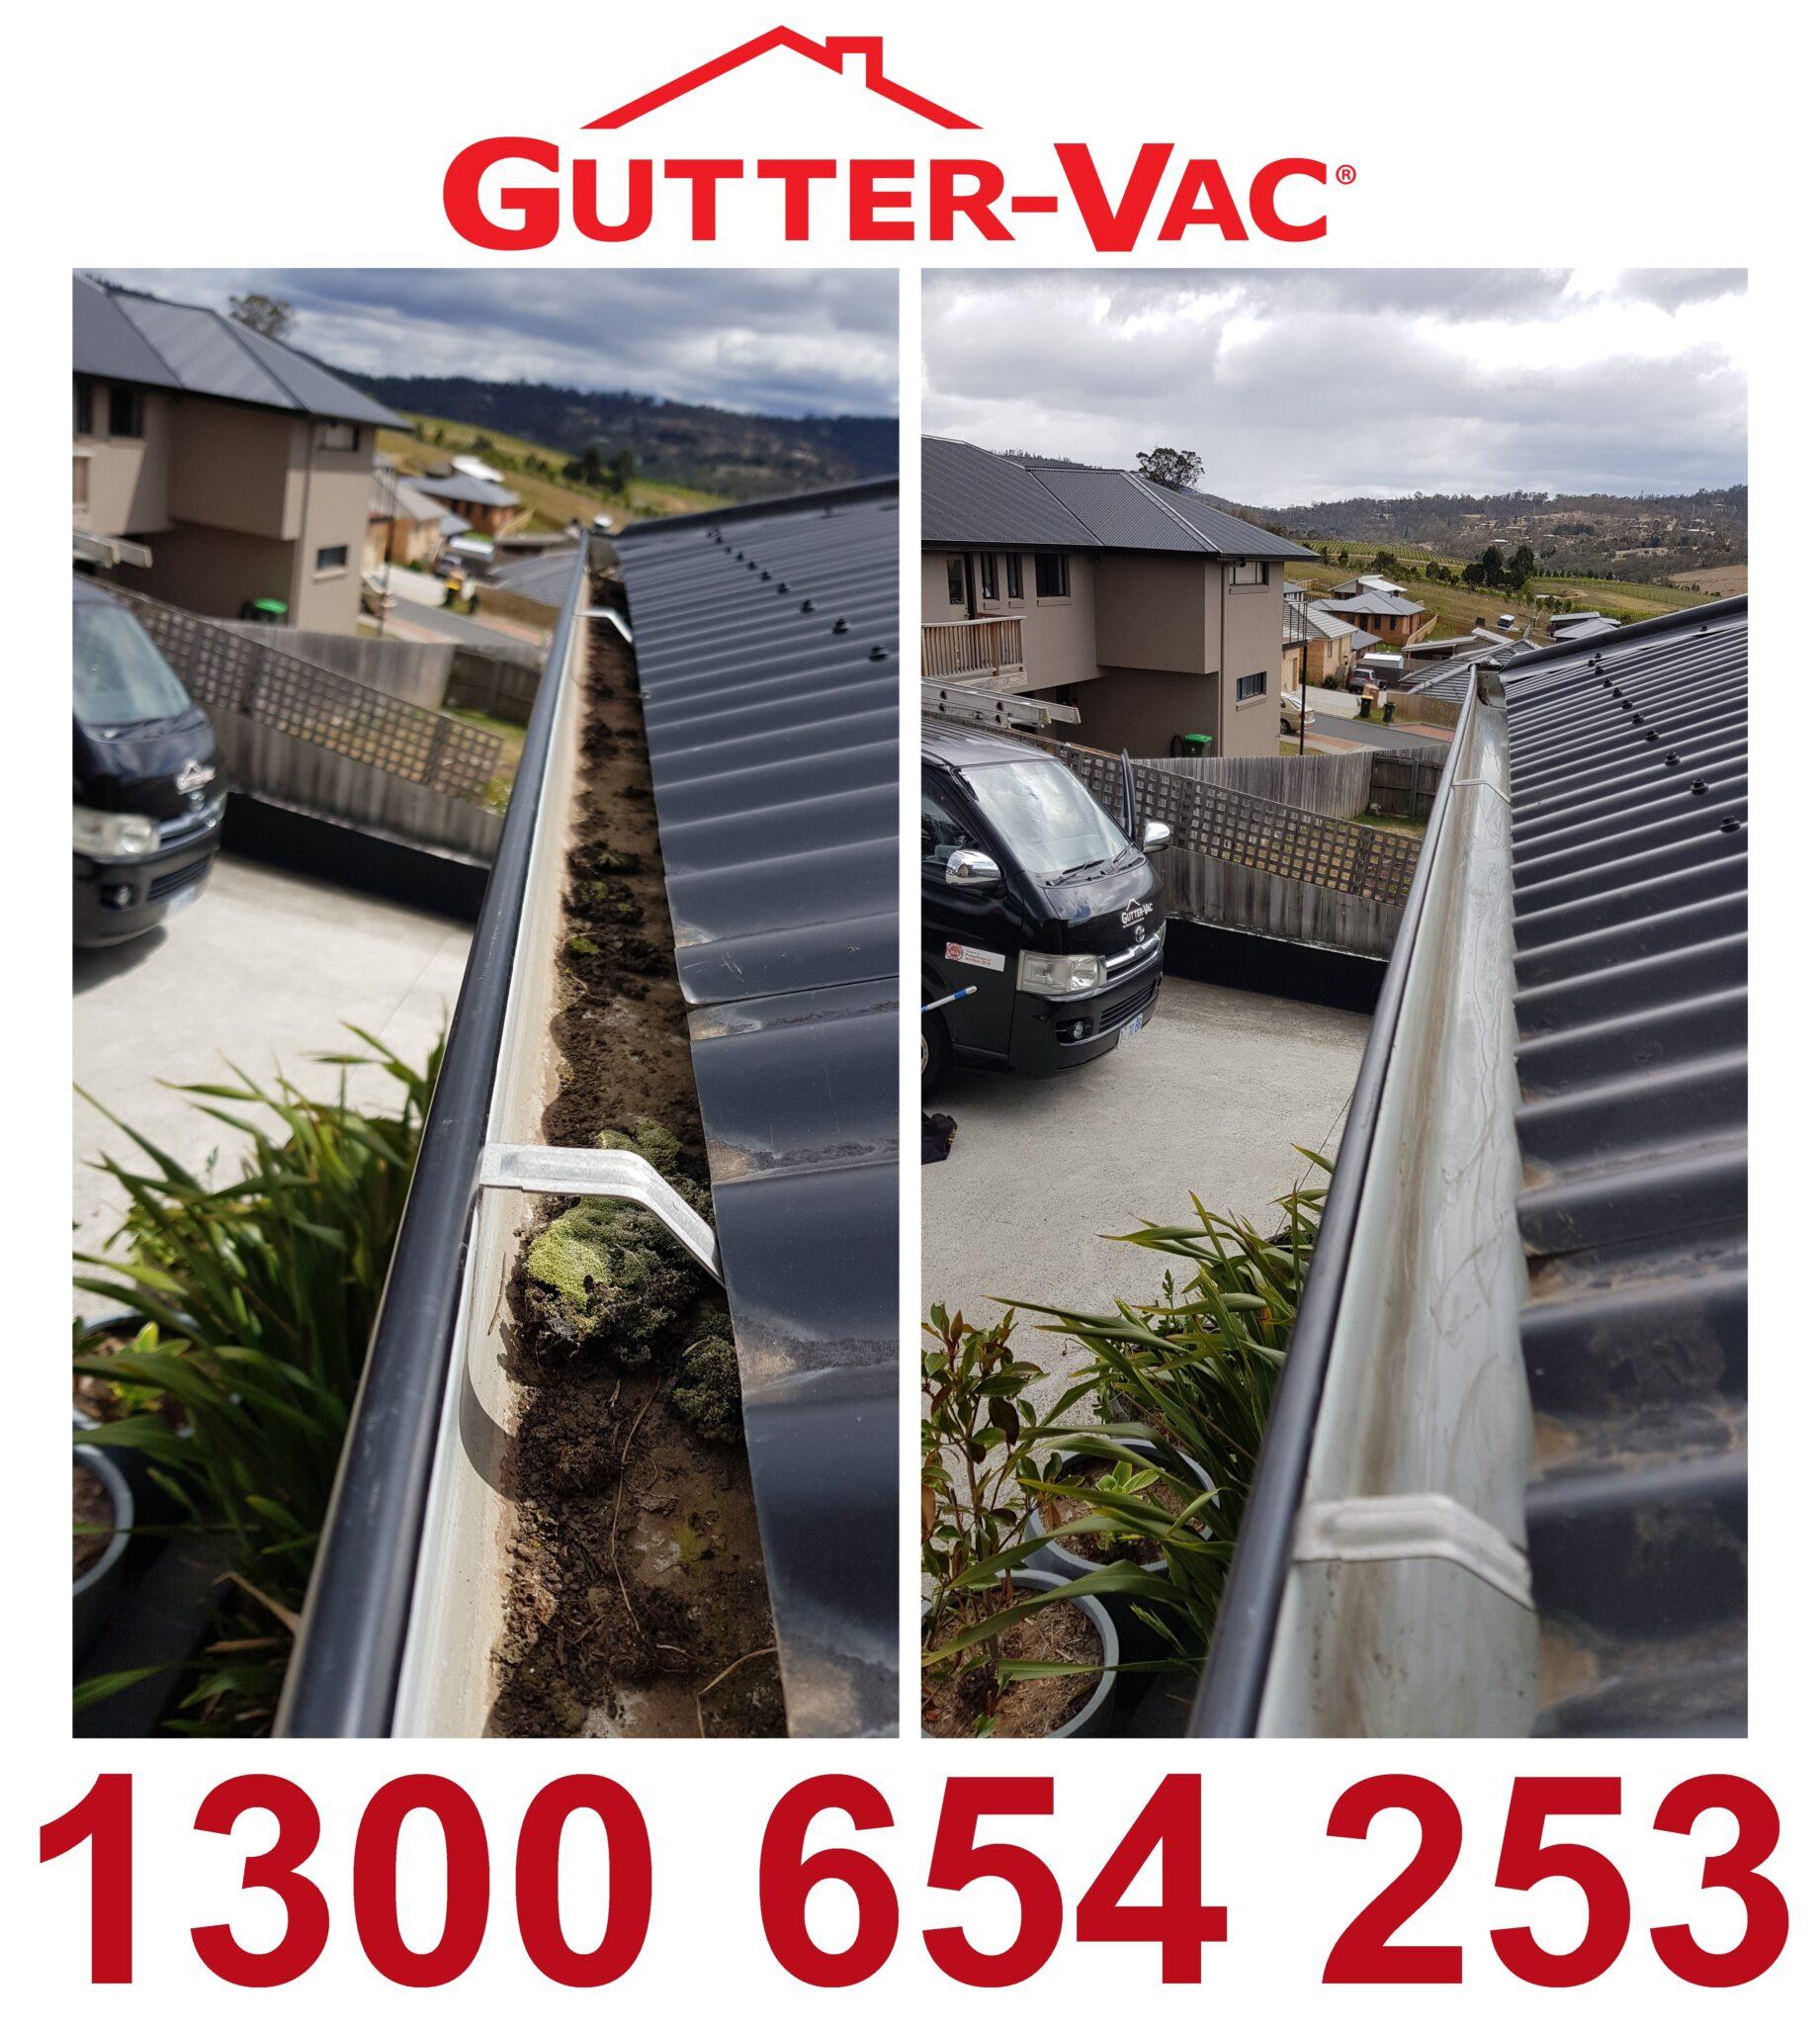 Gutter-Vac Tasmania Gutter Clean